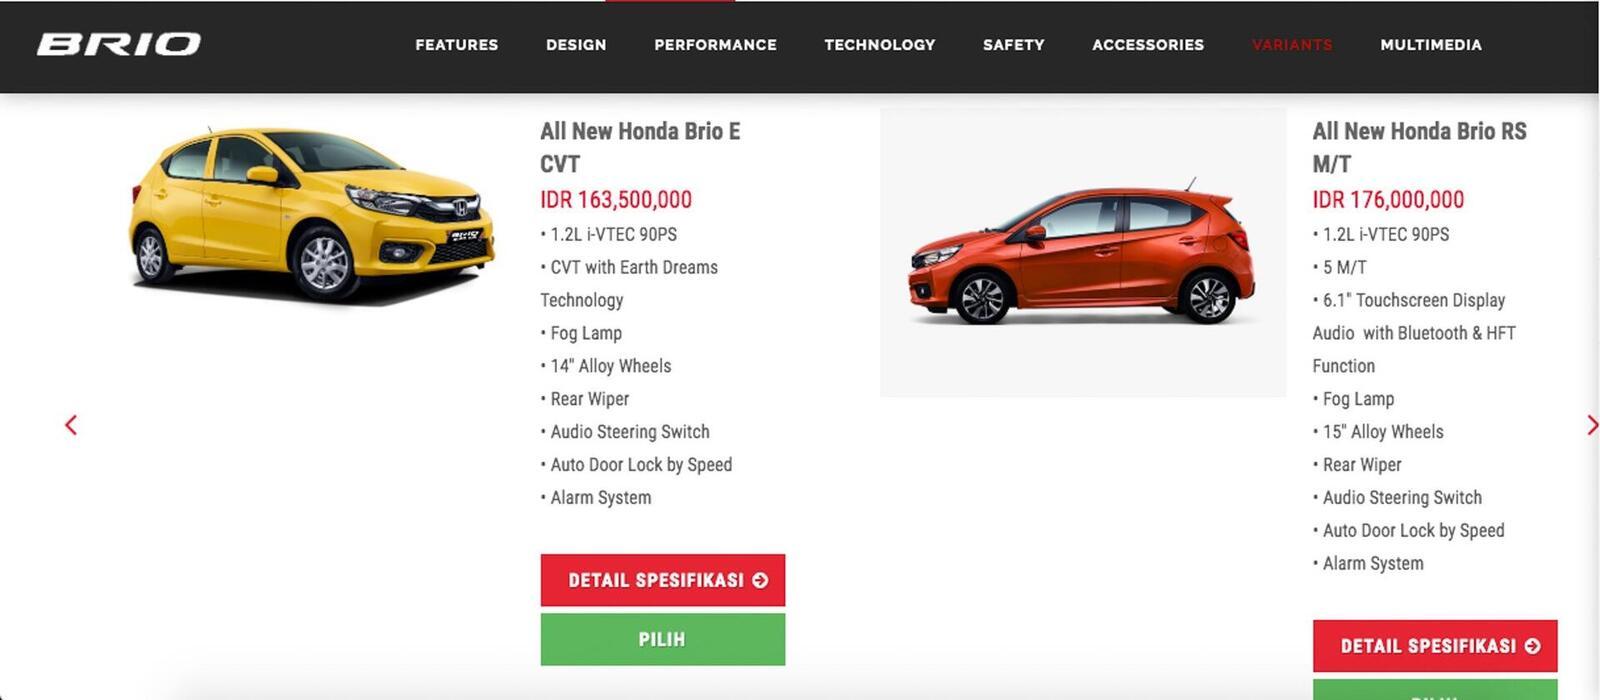 Dự đoán 3 phiên bản Honda Brio sắp ra mắt vào ngày 18.06 sắp tới - Hình 5